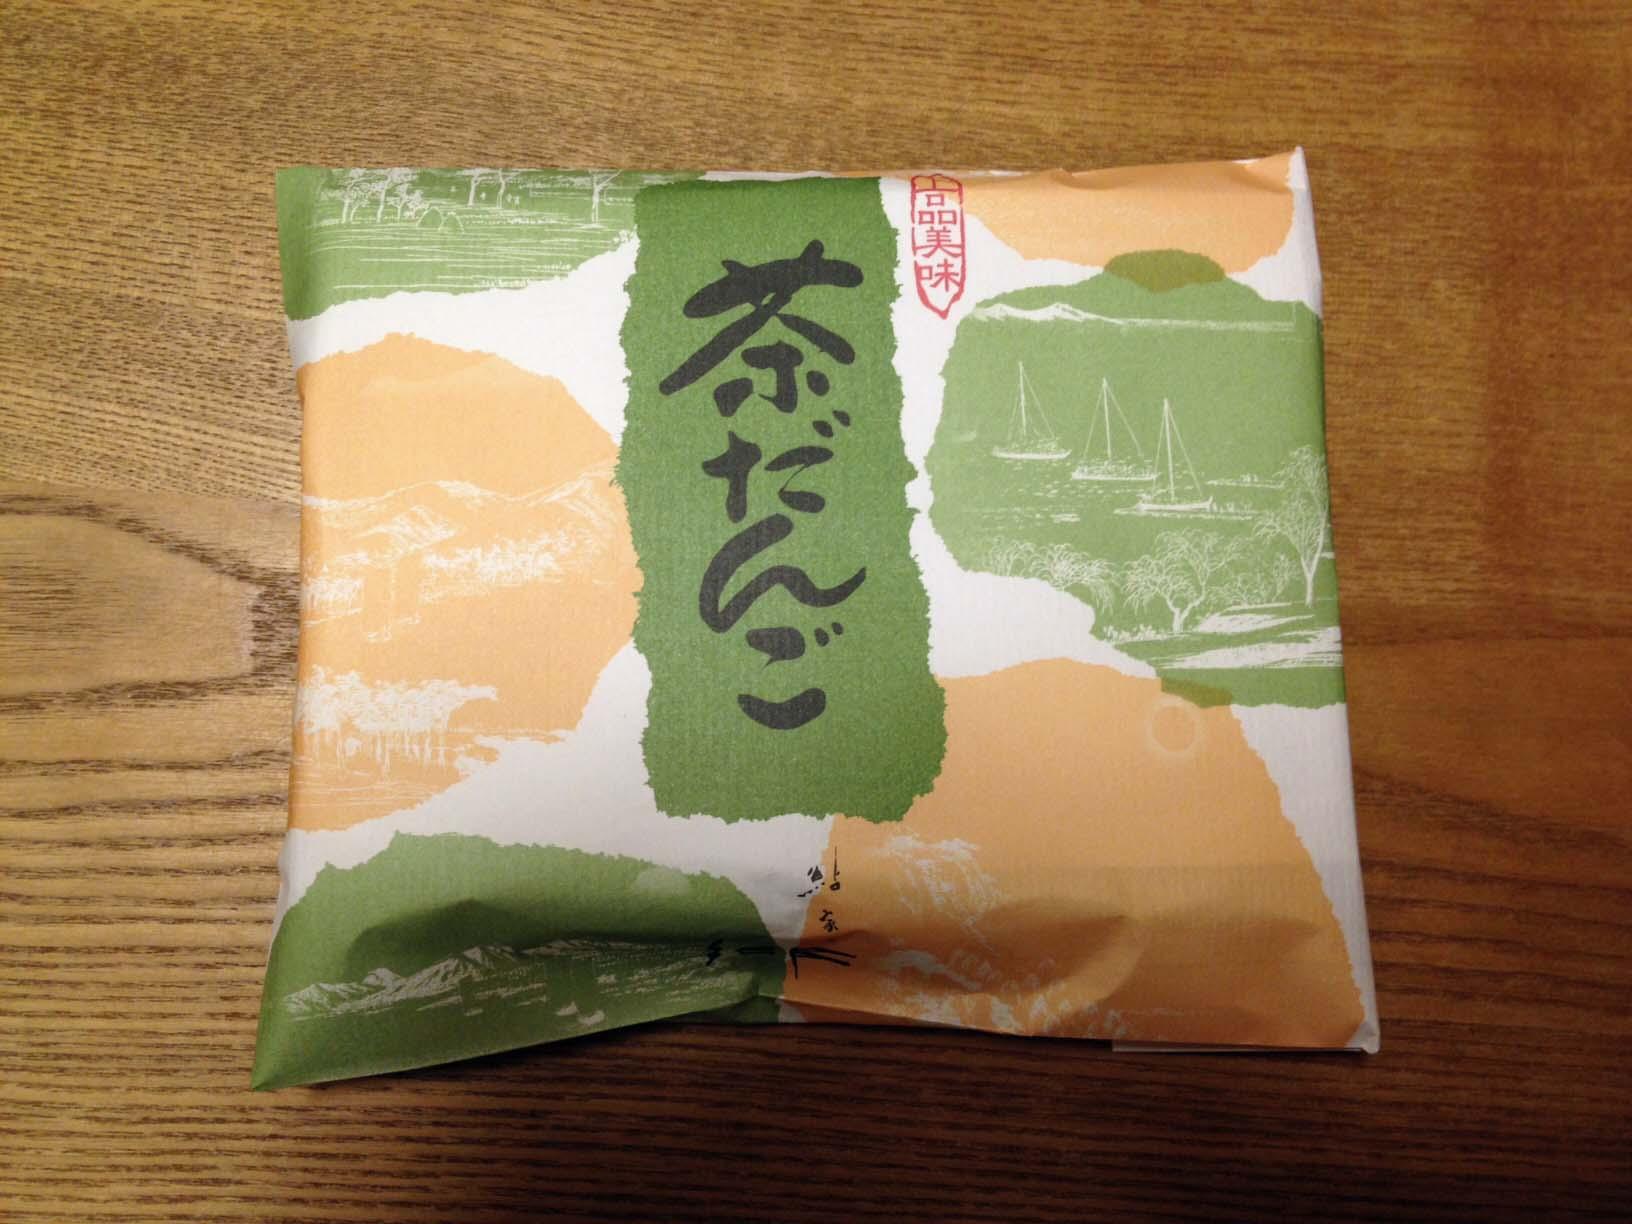 鮎屋の茶団子01